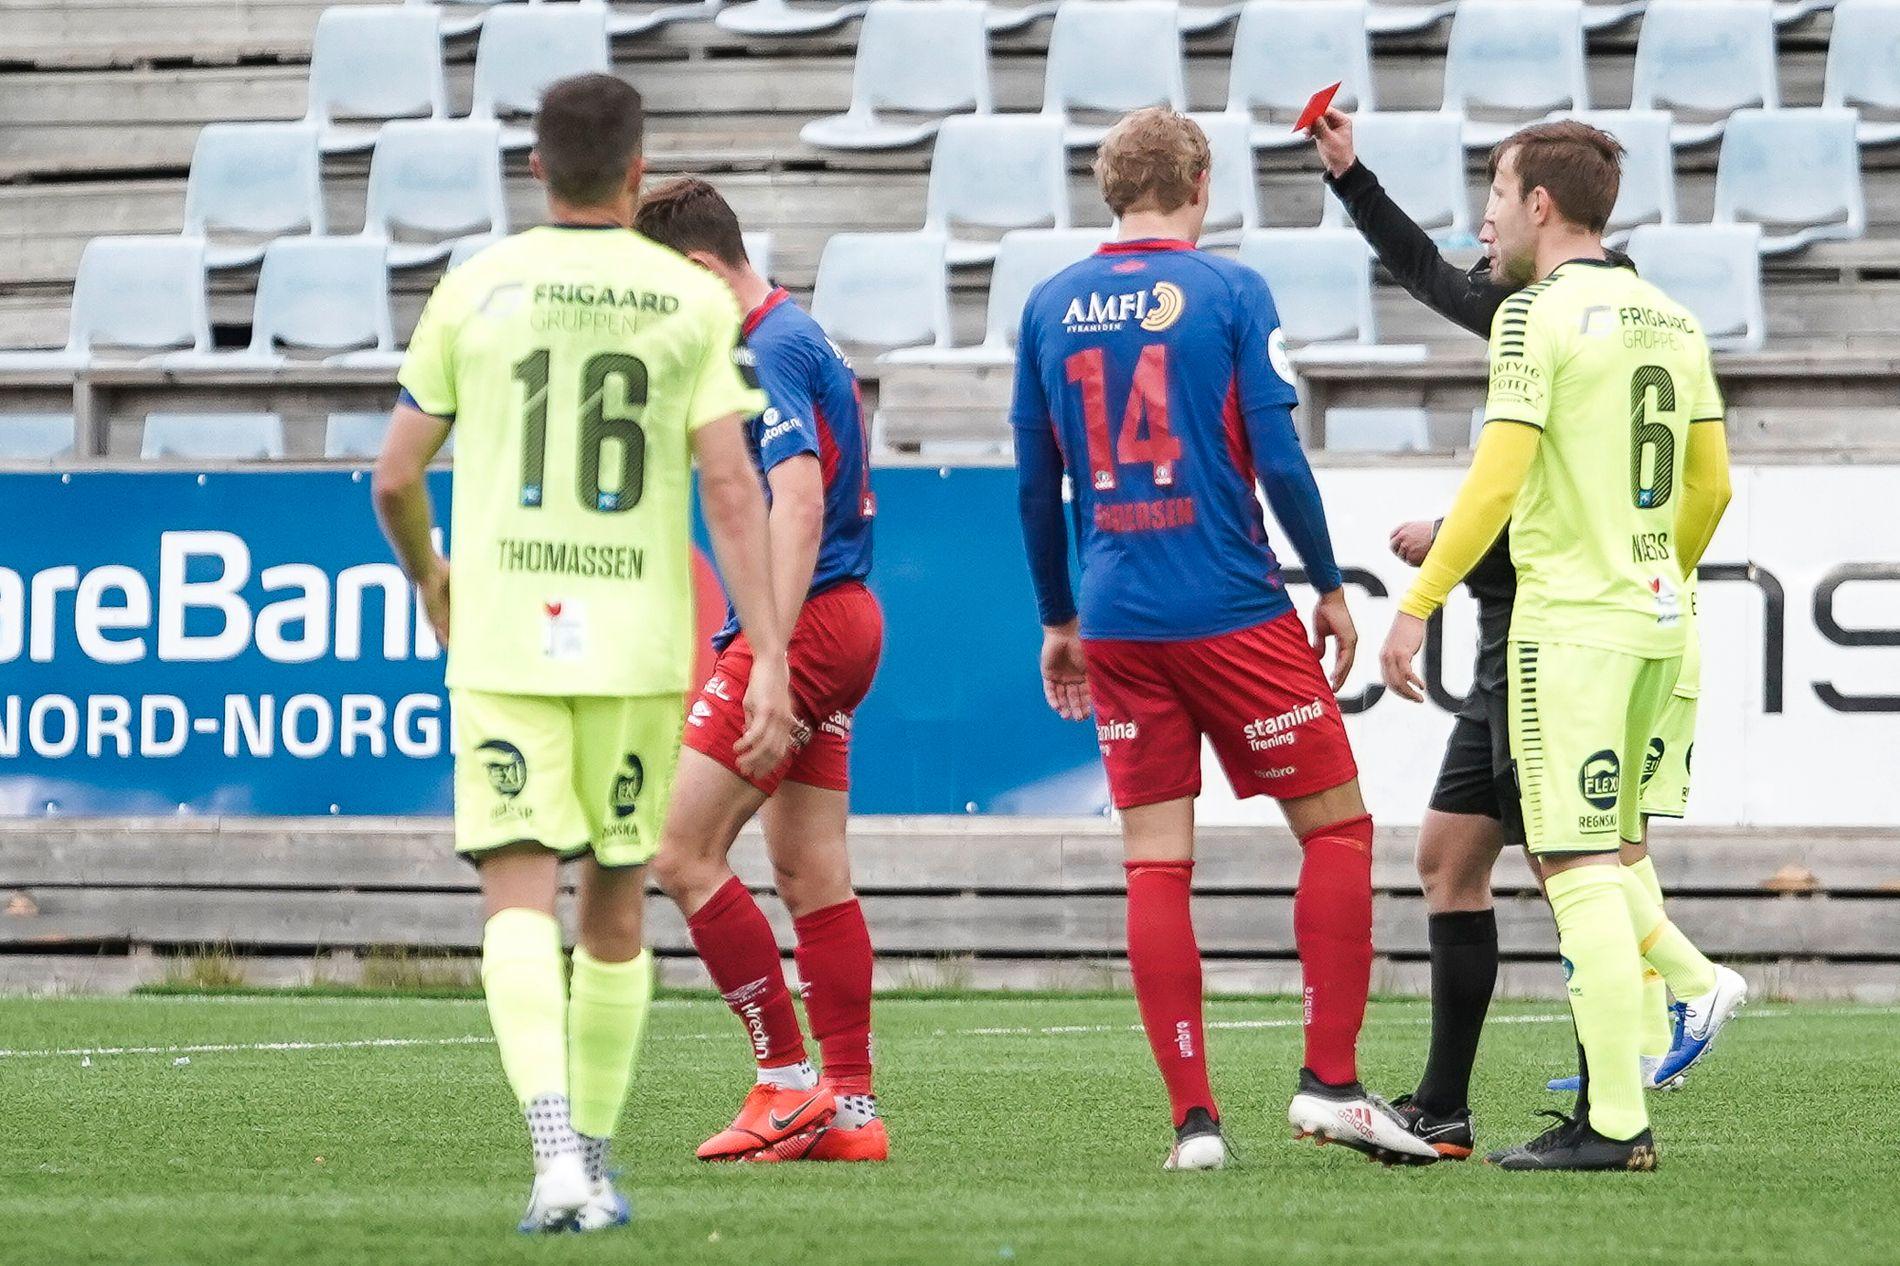 Rødt kort: Lasse Berg Johnsen ble utvist i 1. omgang. Her får han det røde kortet.